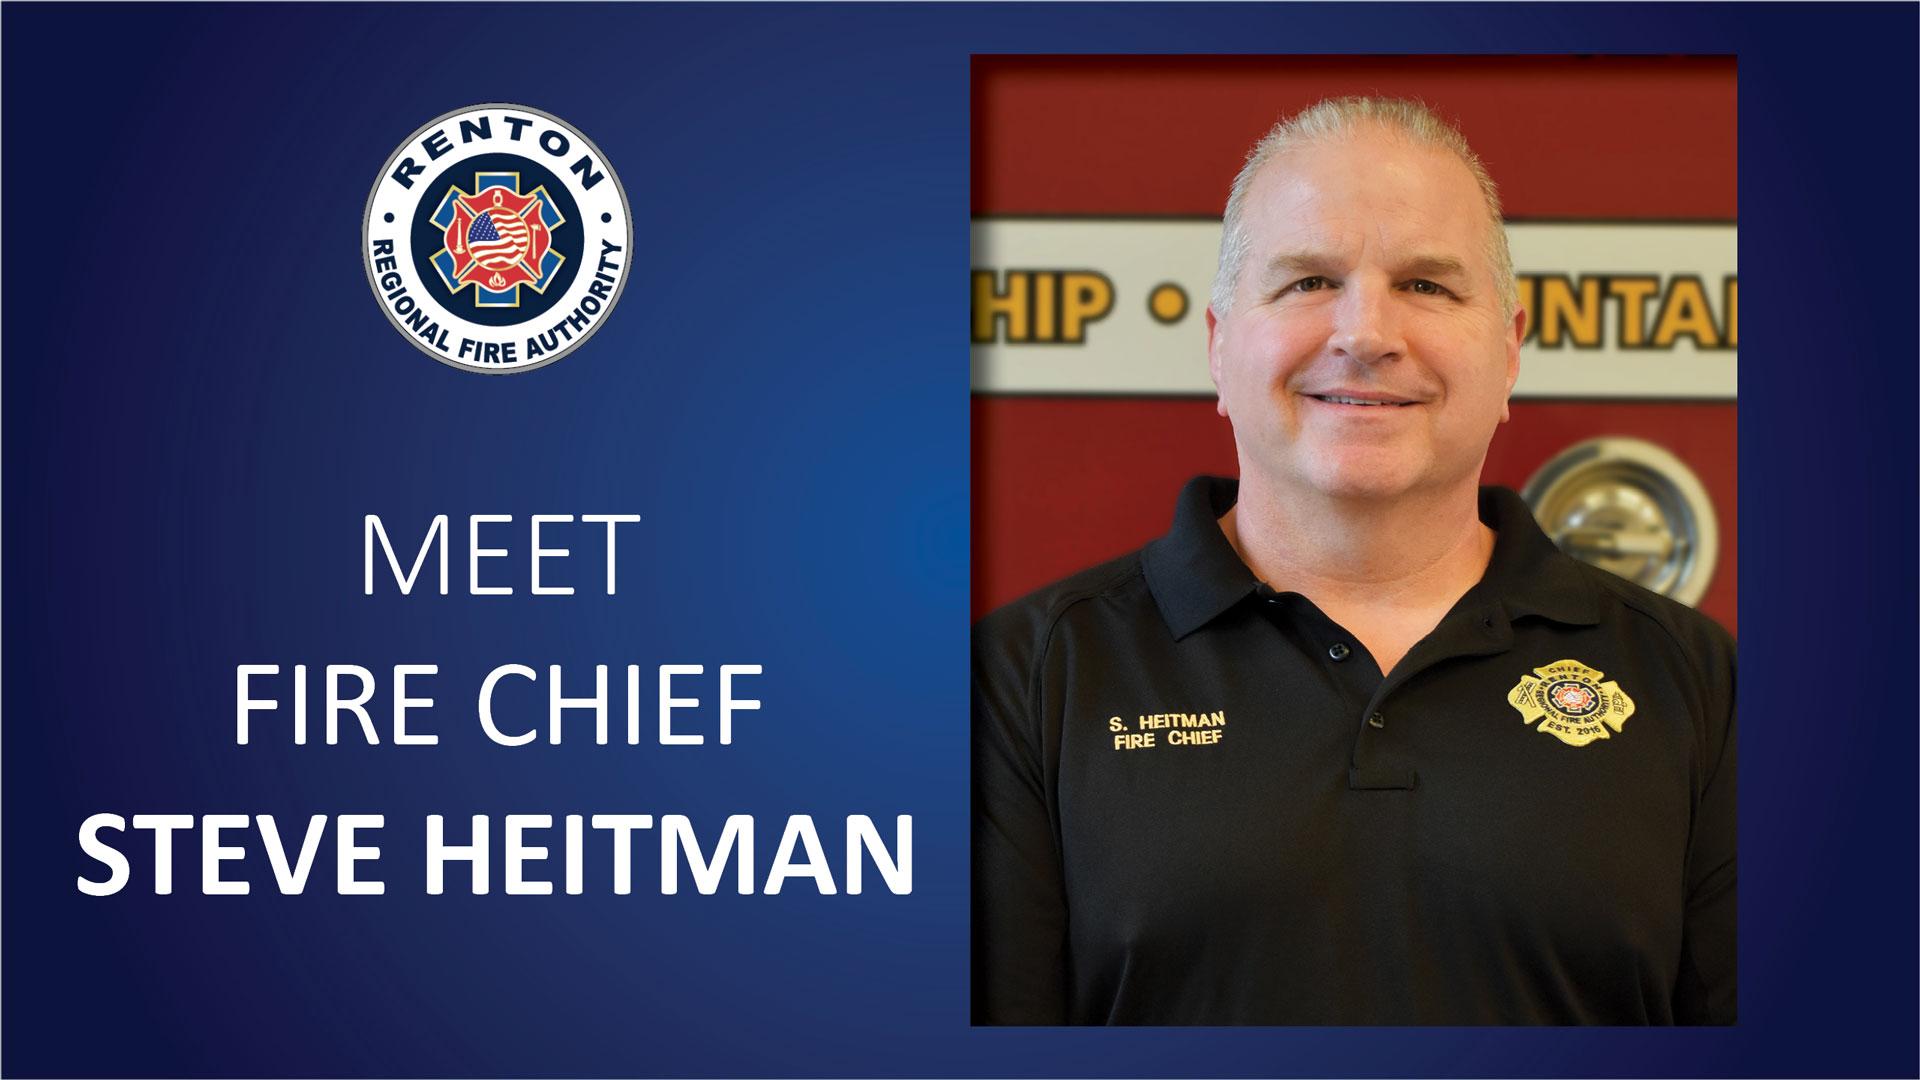 Meet Fire Chief Steve Heitman